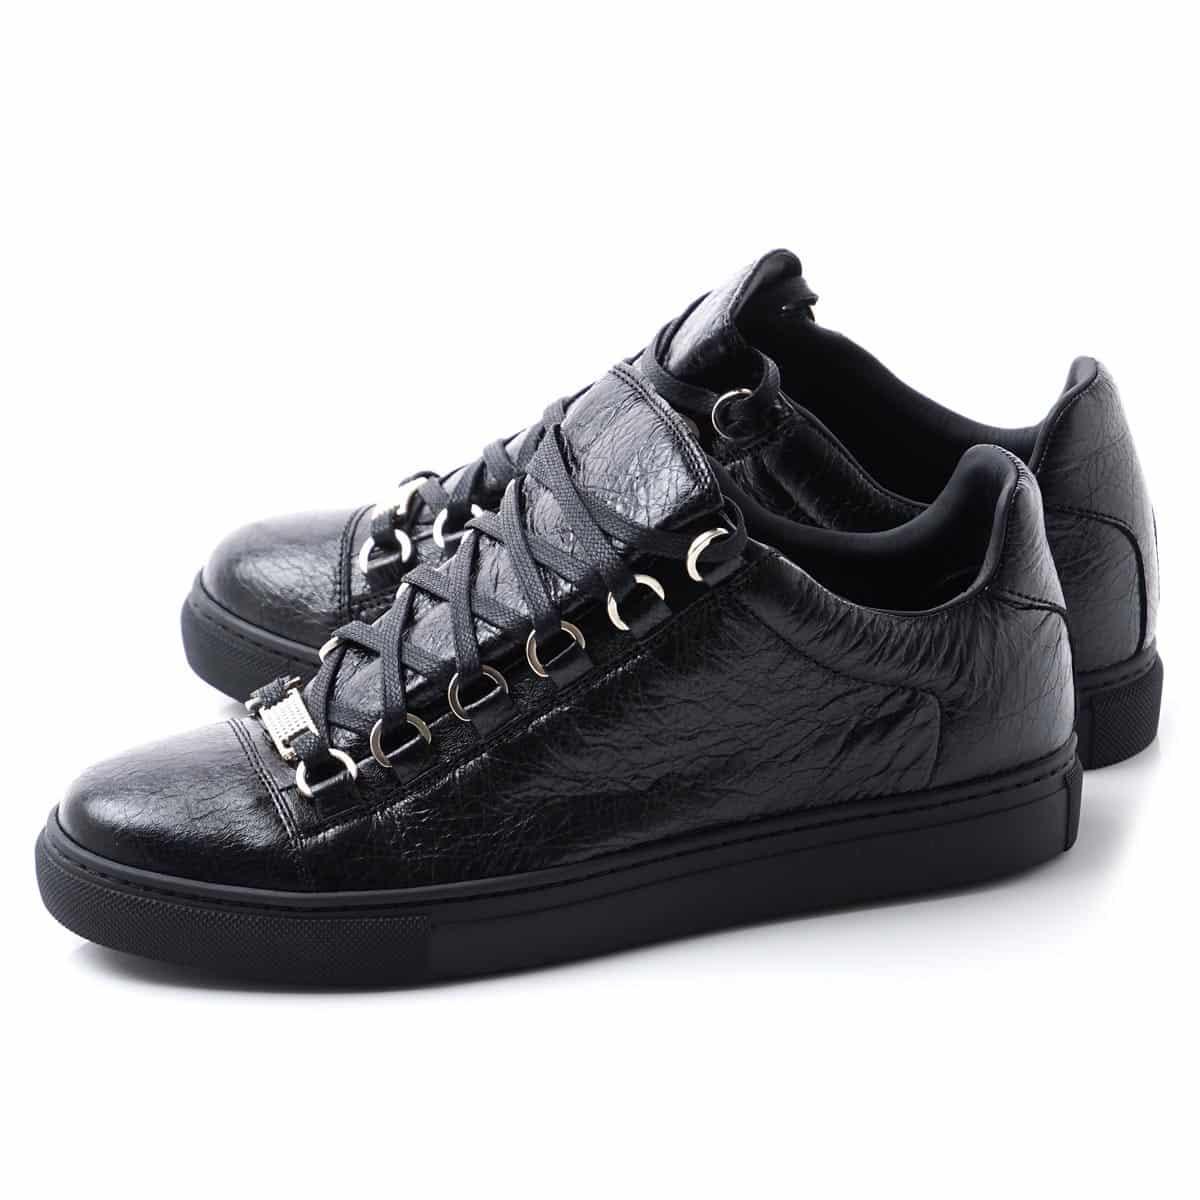 Pertimbangkan-kenyamanan-sepatu-dengan-kaki-Anda